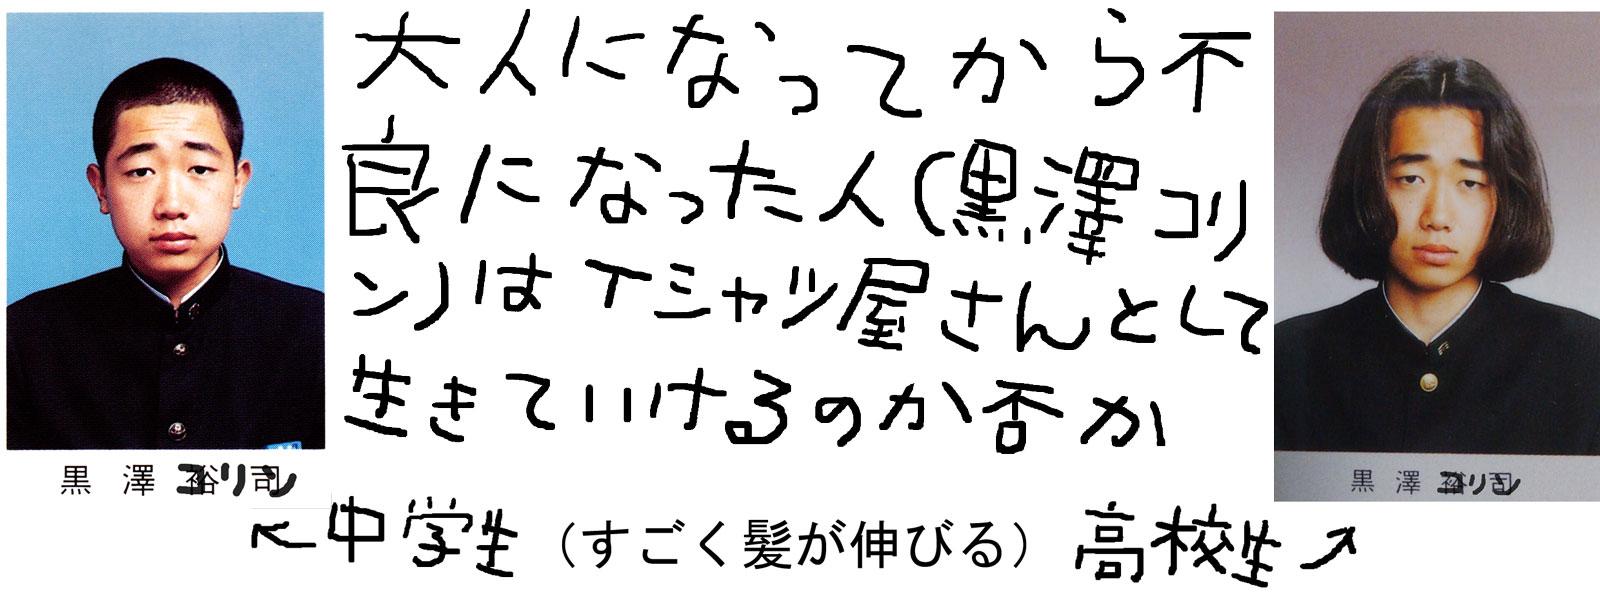 大人になってから不良になった人(黒澤コリン)はTシャツ屋さんとして食べていけるのか否か